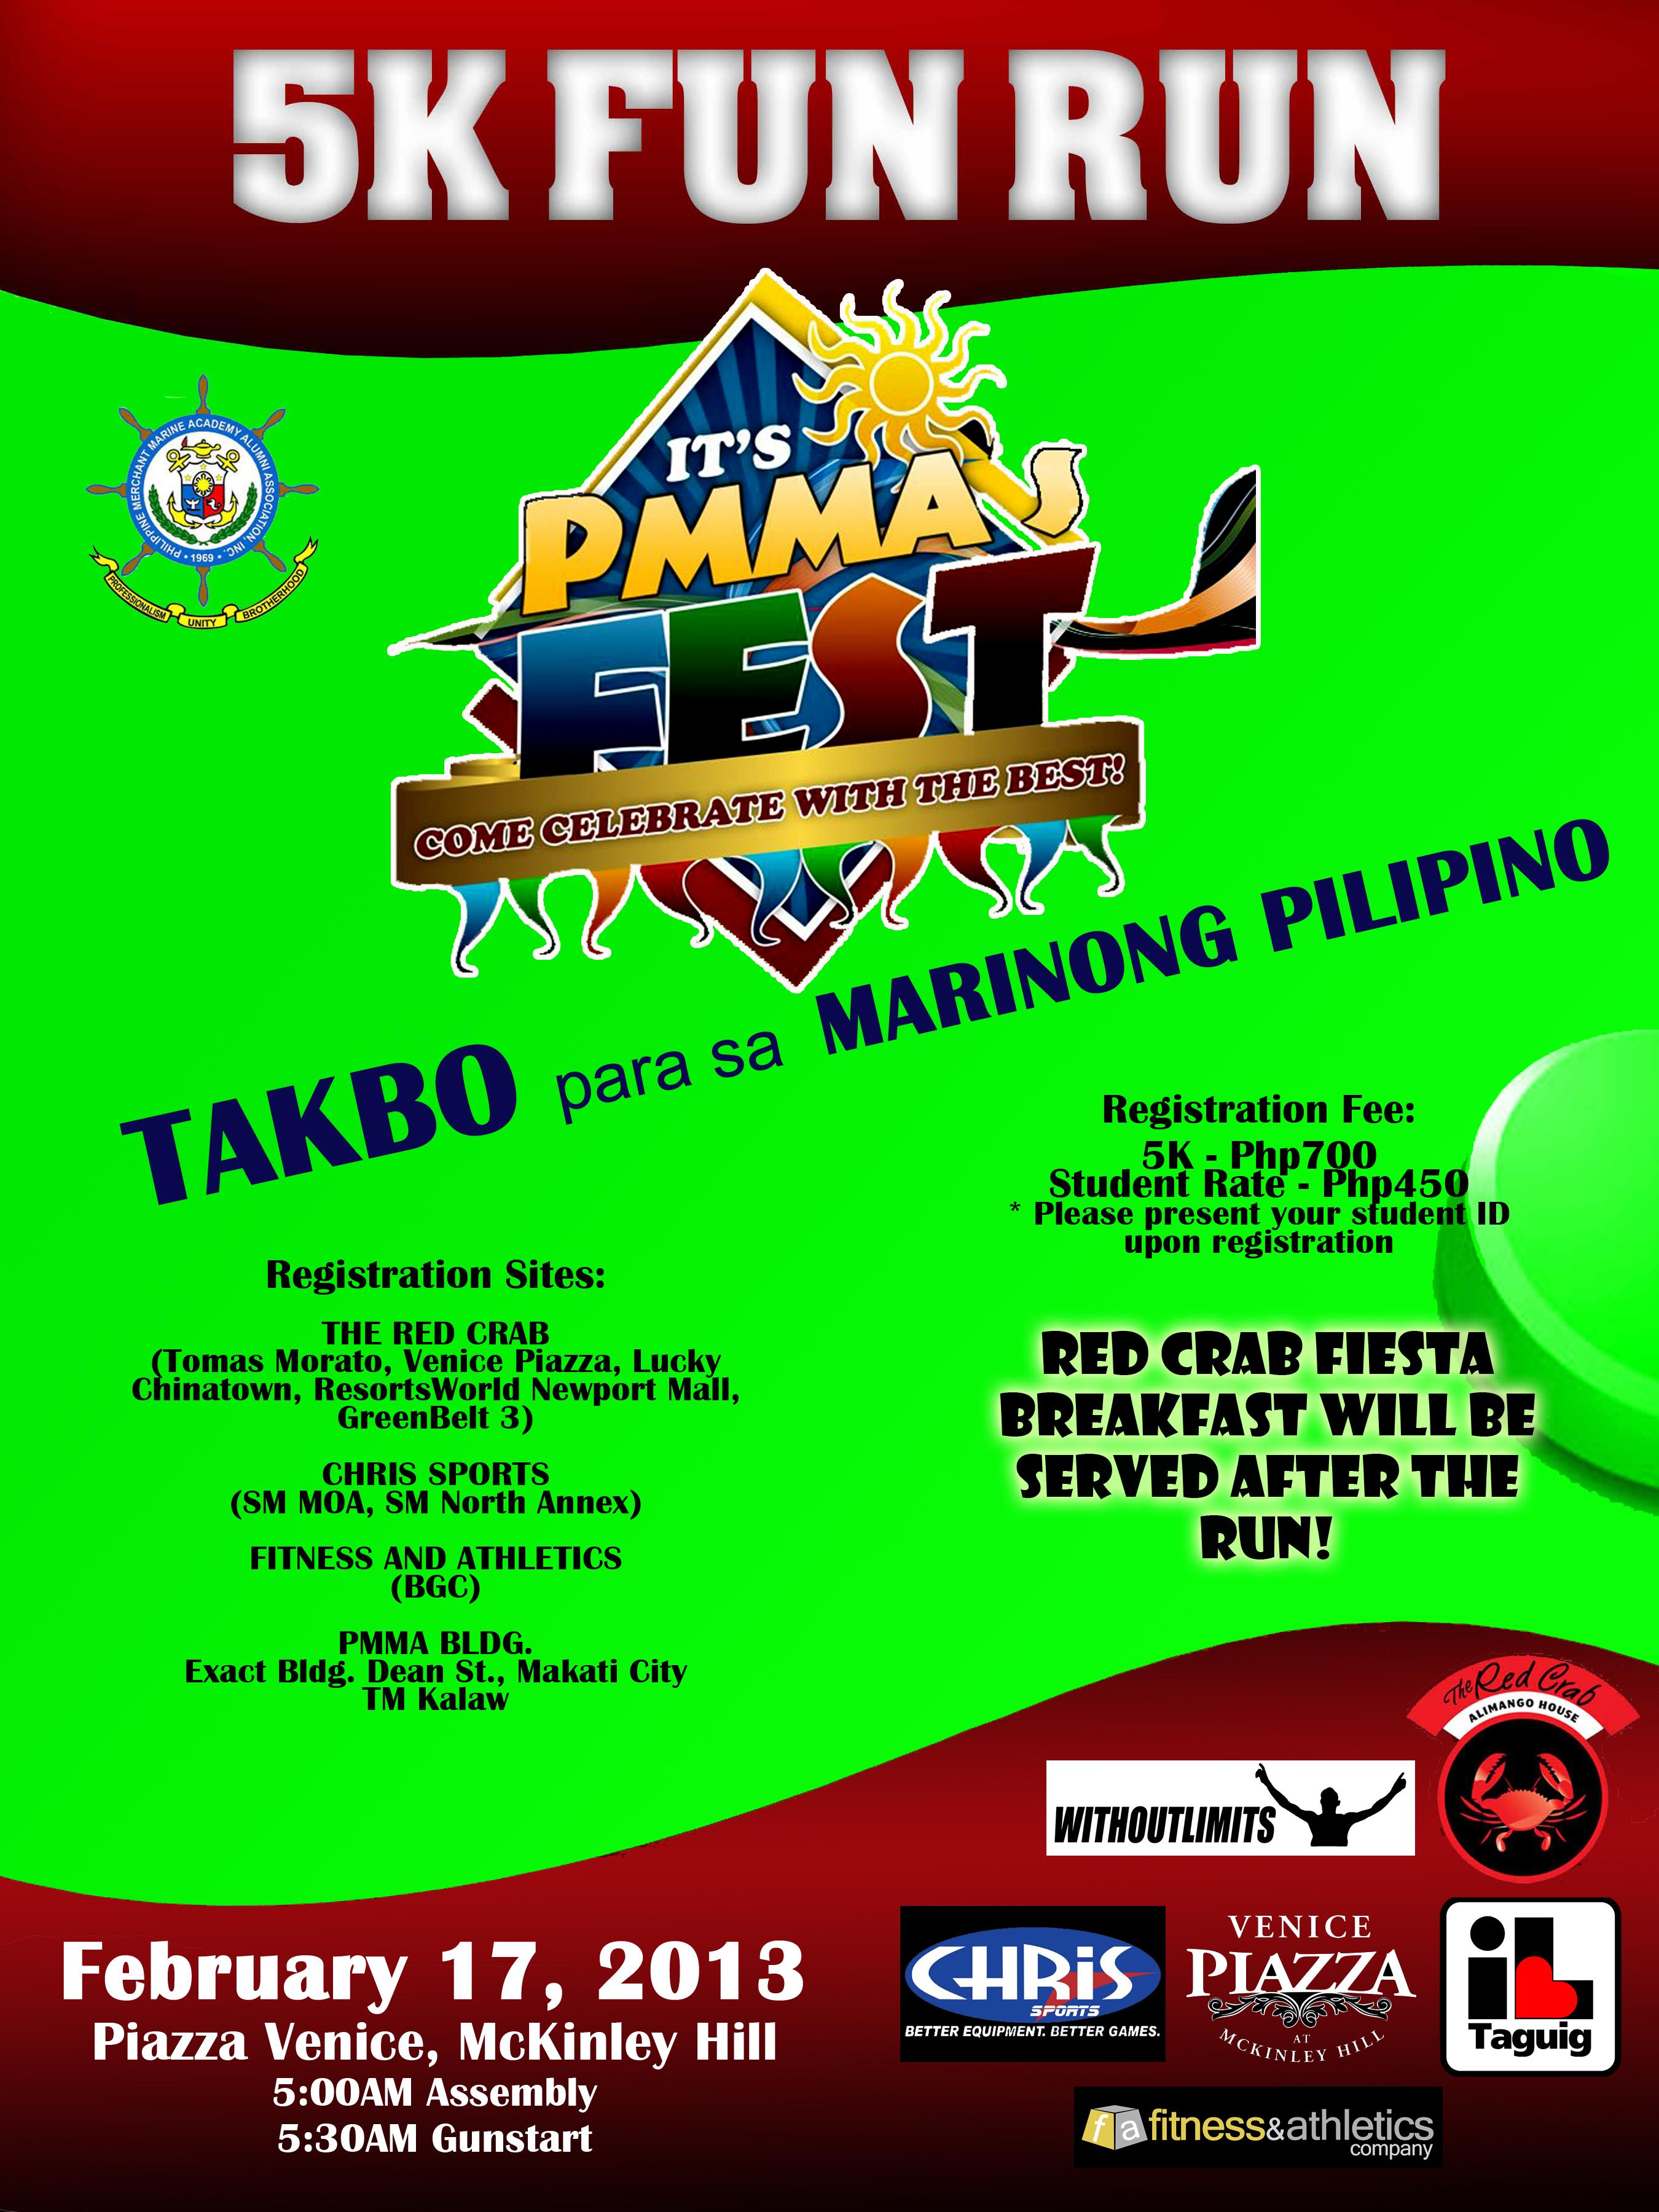 takbo-para-sa-marino-5k-fun-run-2013-poster